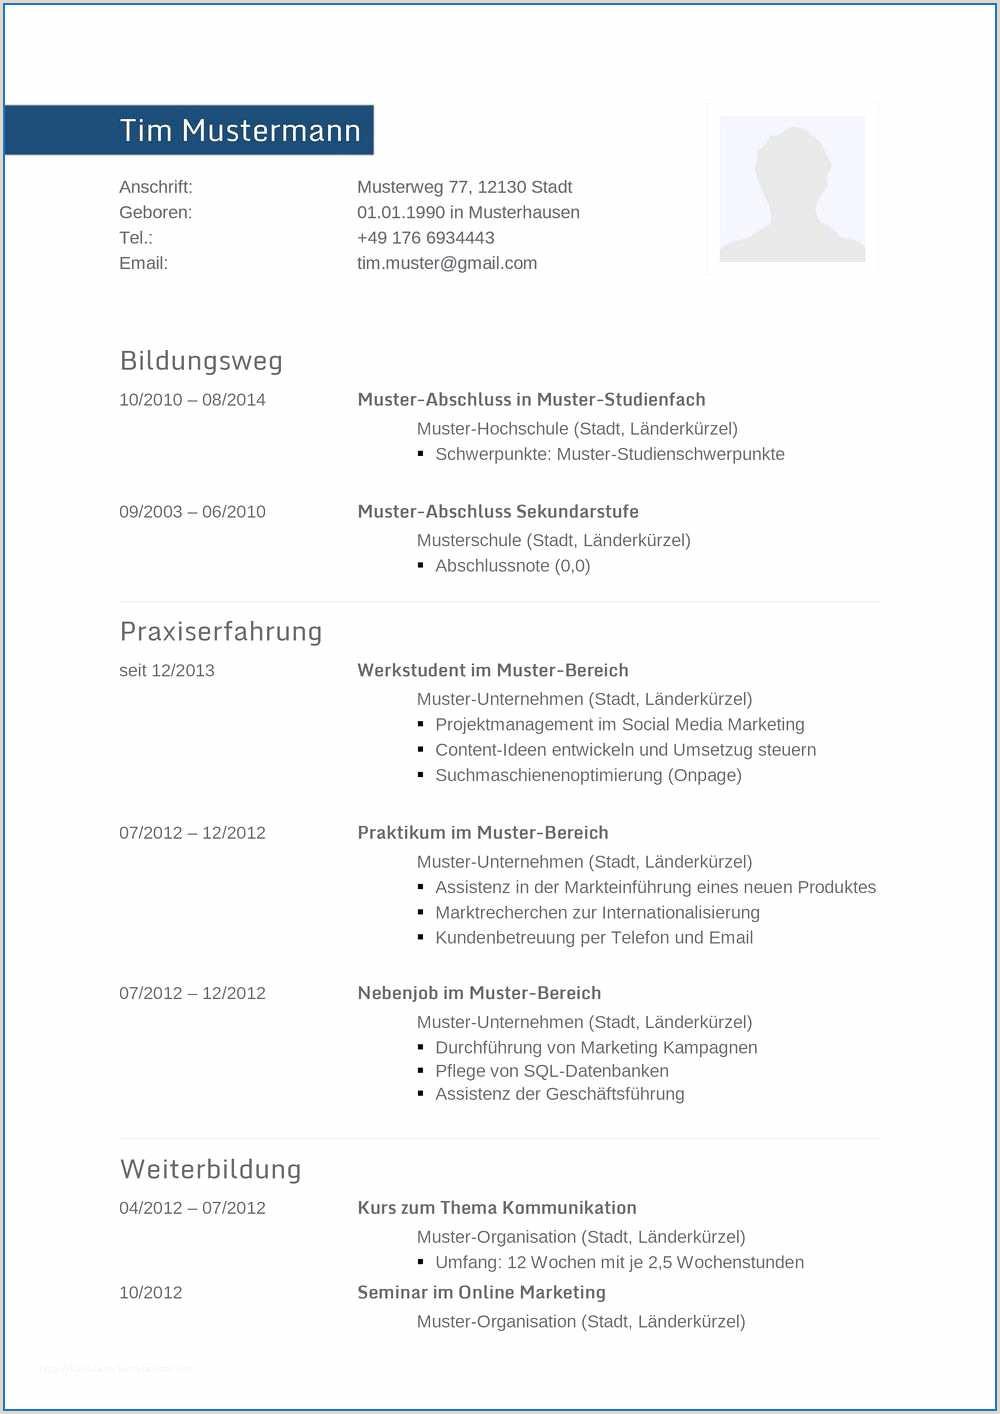 Lebenslauf Muster Voraussichtlicher Abschluss Lebenslauf Vorlage Great Lebenslauf Muster Für Informatiker